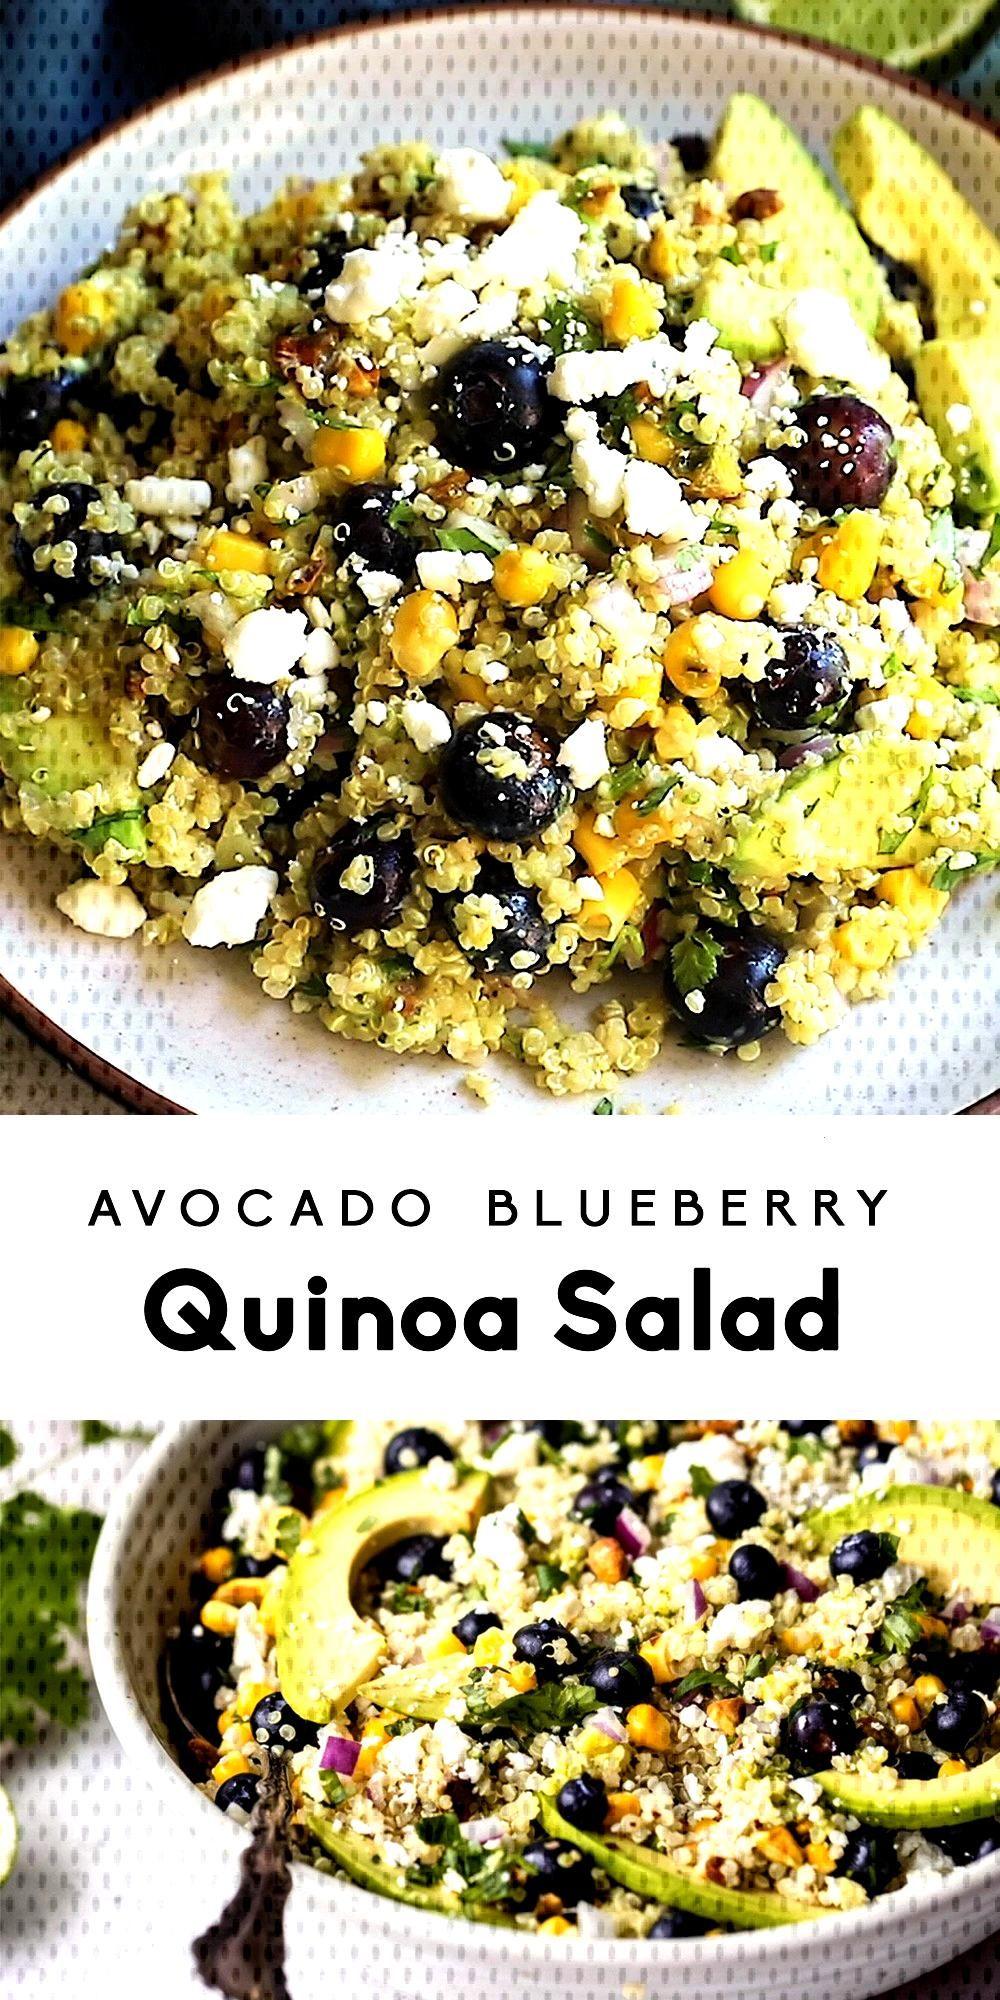 Avocado Blueberry Quinoa Salad, Avocado Blueberry Quinoa Salad,